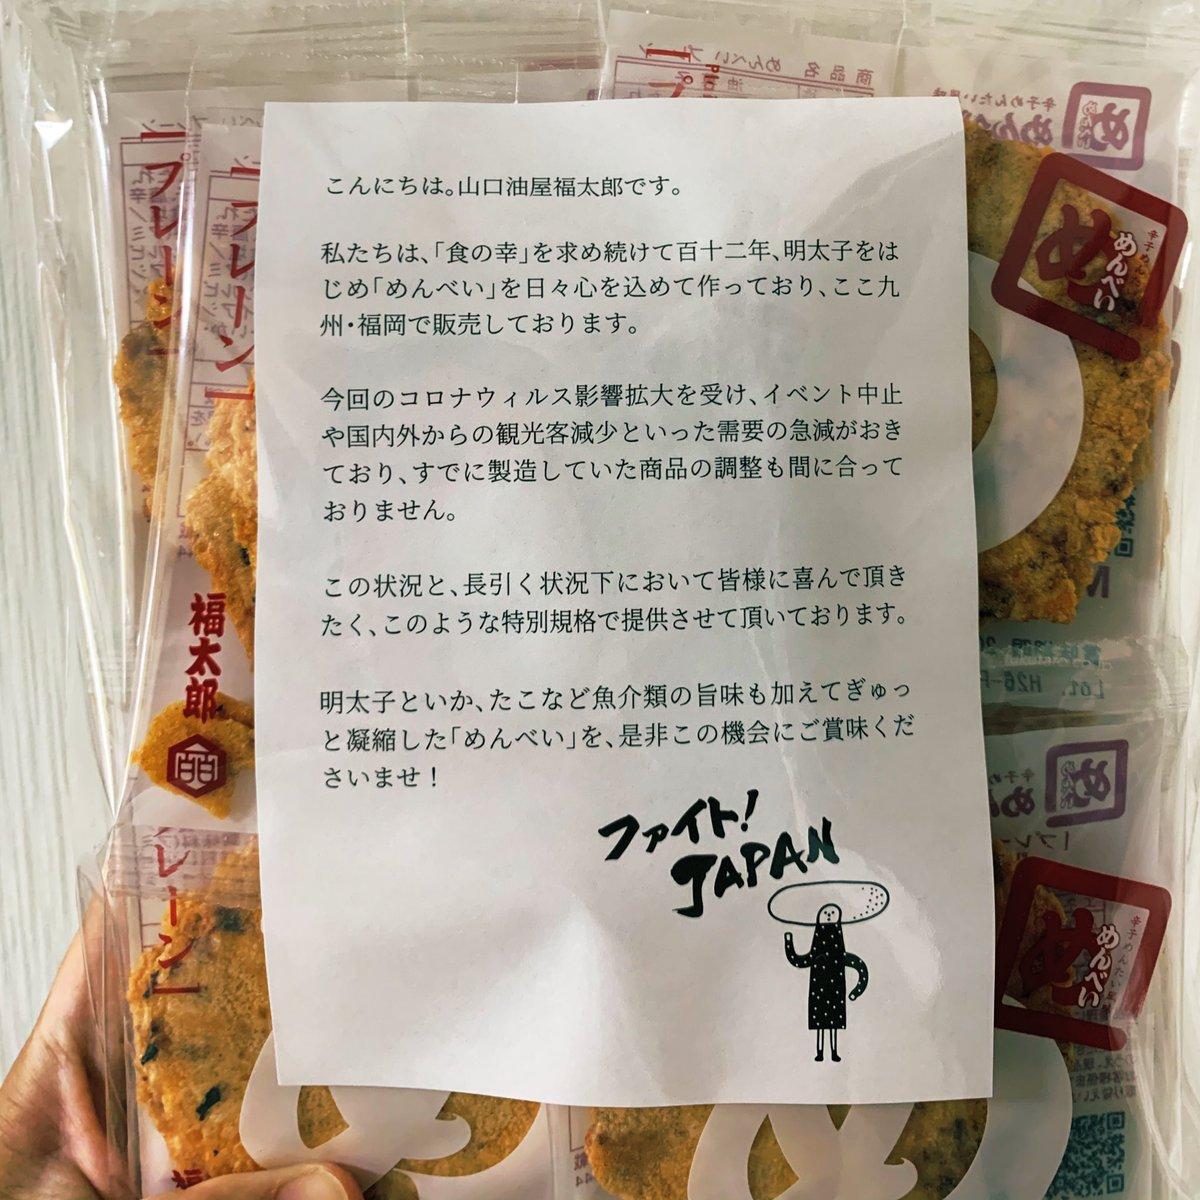 test ツイッターメディア - 近所のスーパーでめんべい売っててめっちゃ嬉しいけど複雑な心境😭福太郎さんもファイトだよー! https://t.co/8O5rlWzKQ7